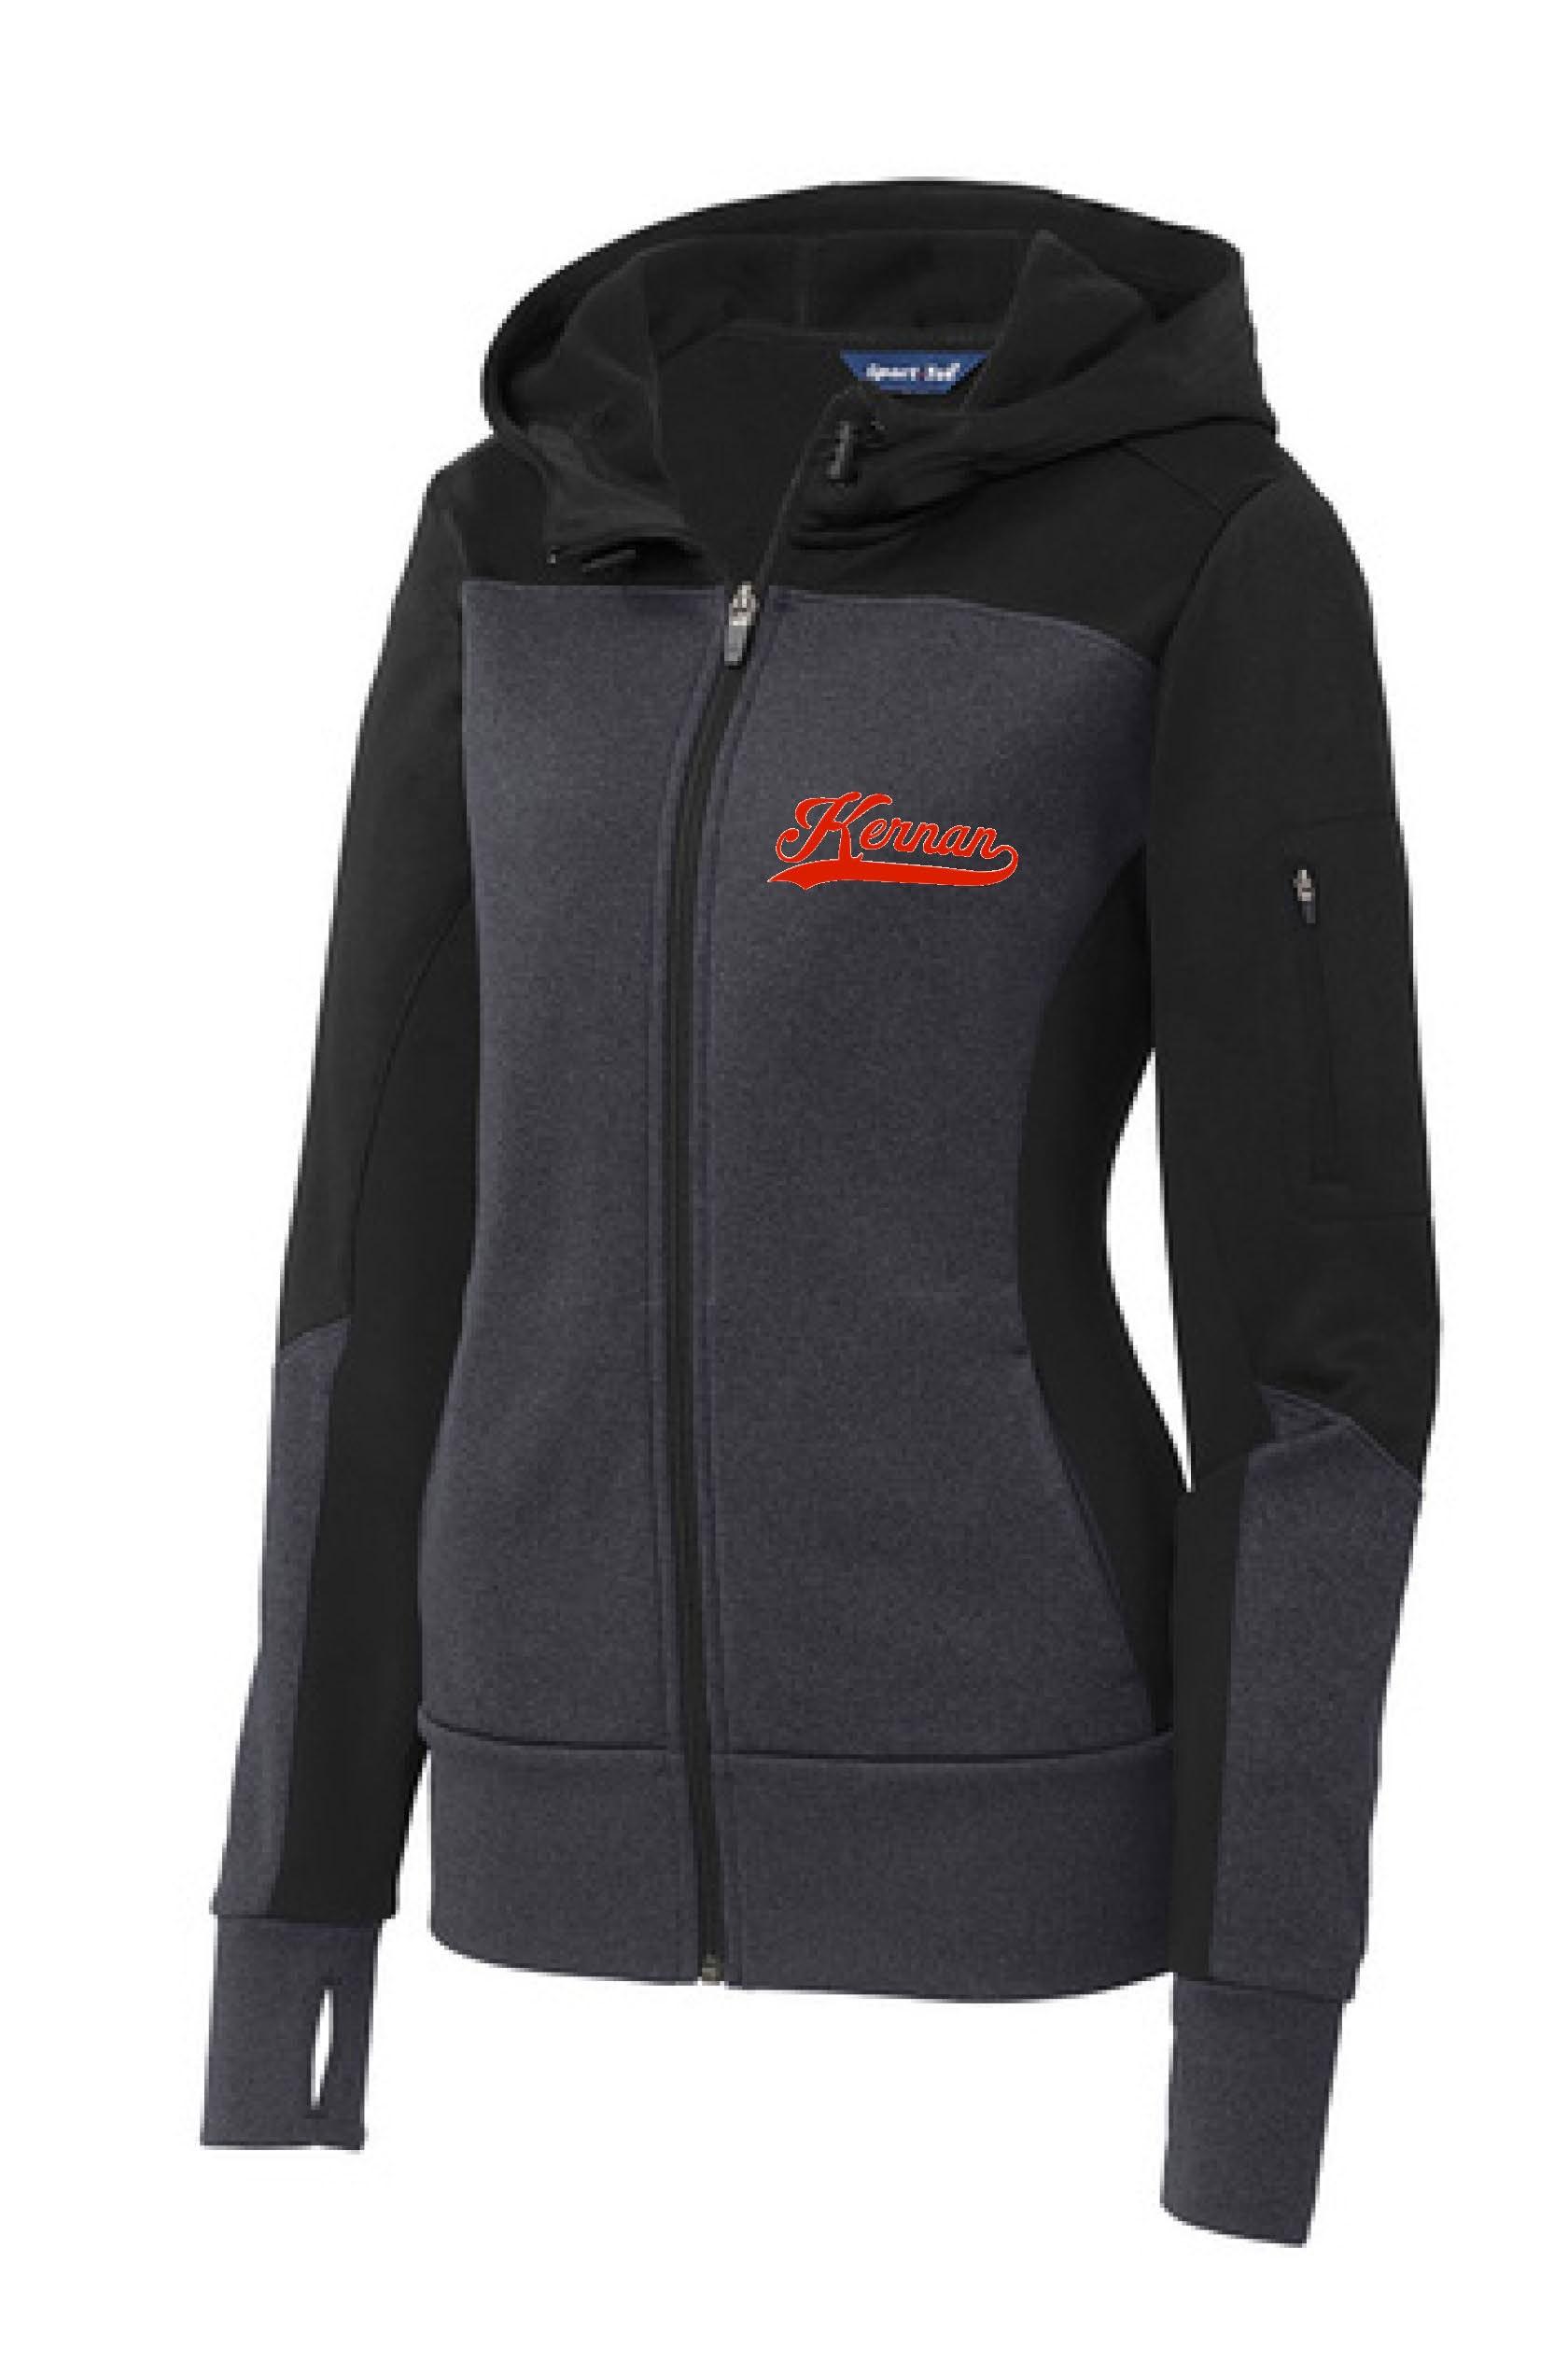 Kernan Ladies Sport-Tek Colorblock Full Zip Hooded Jacket